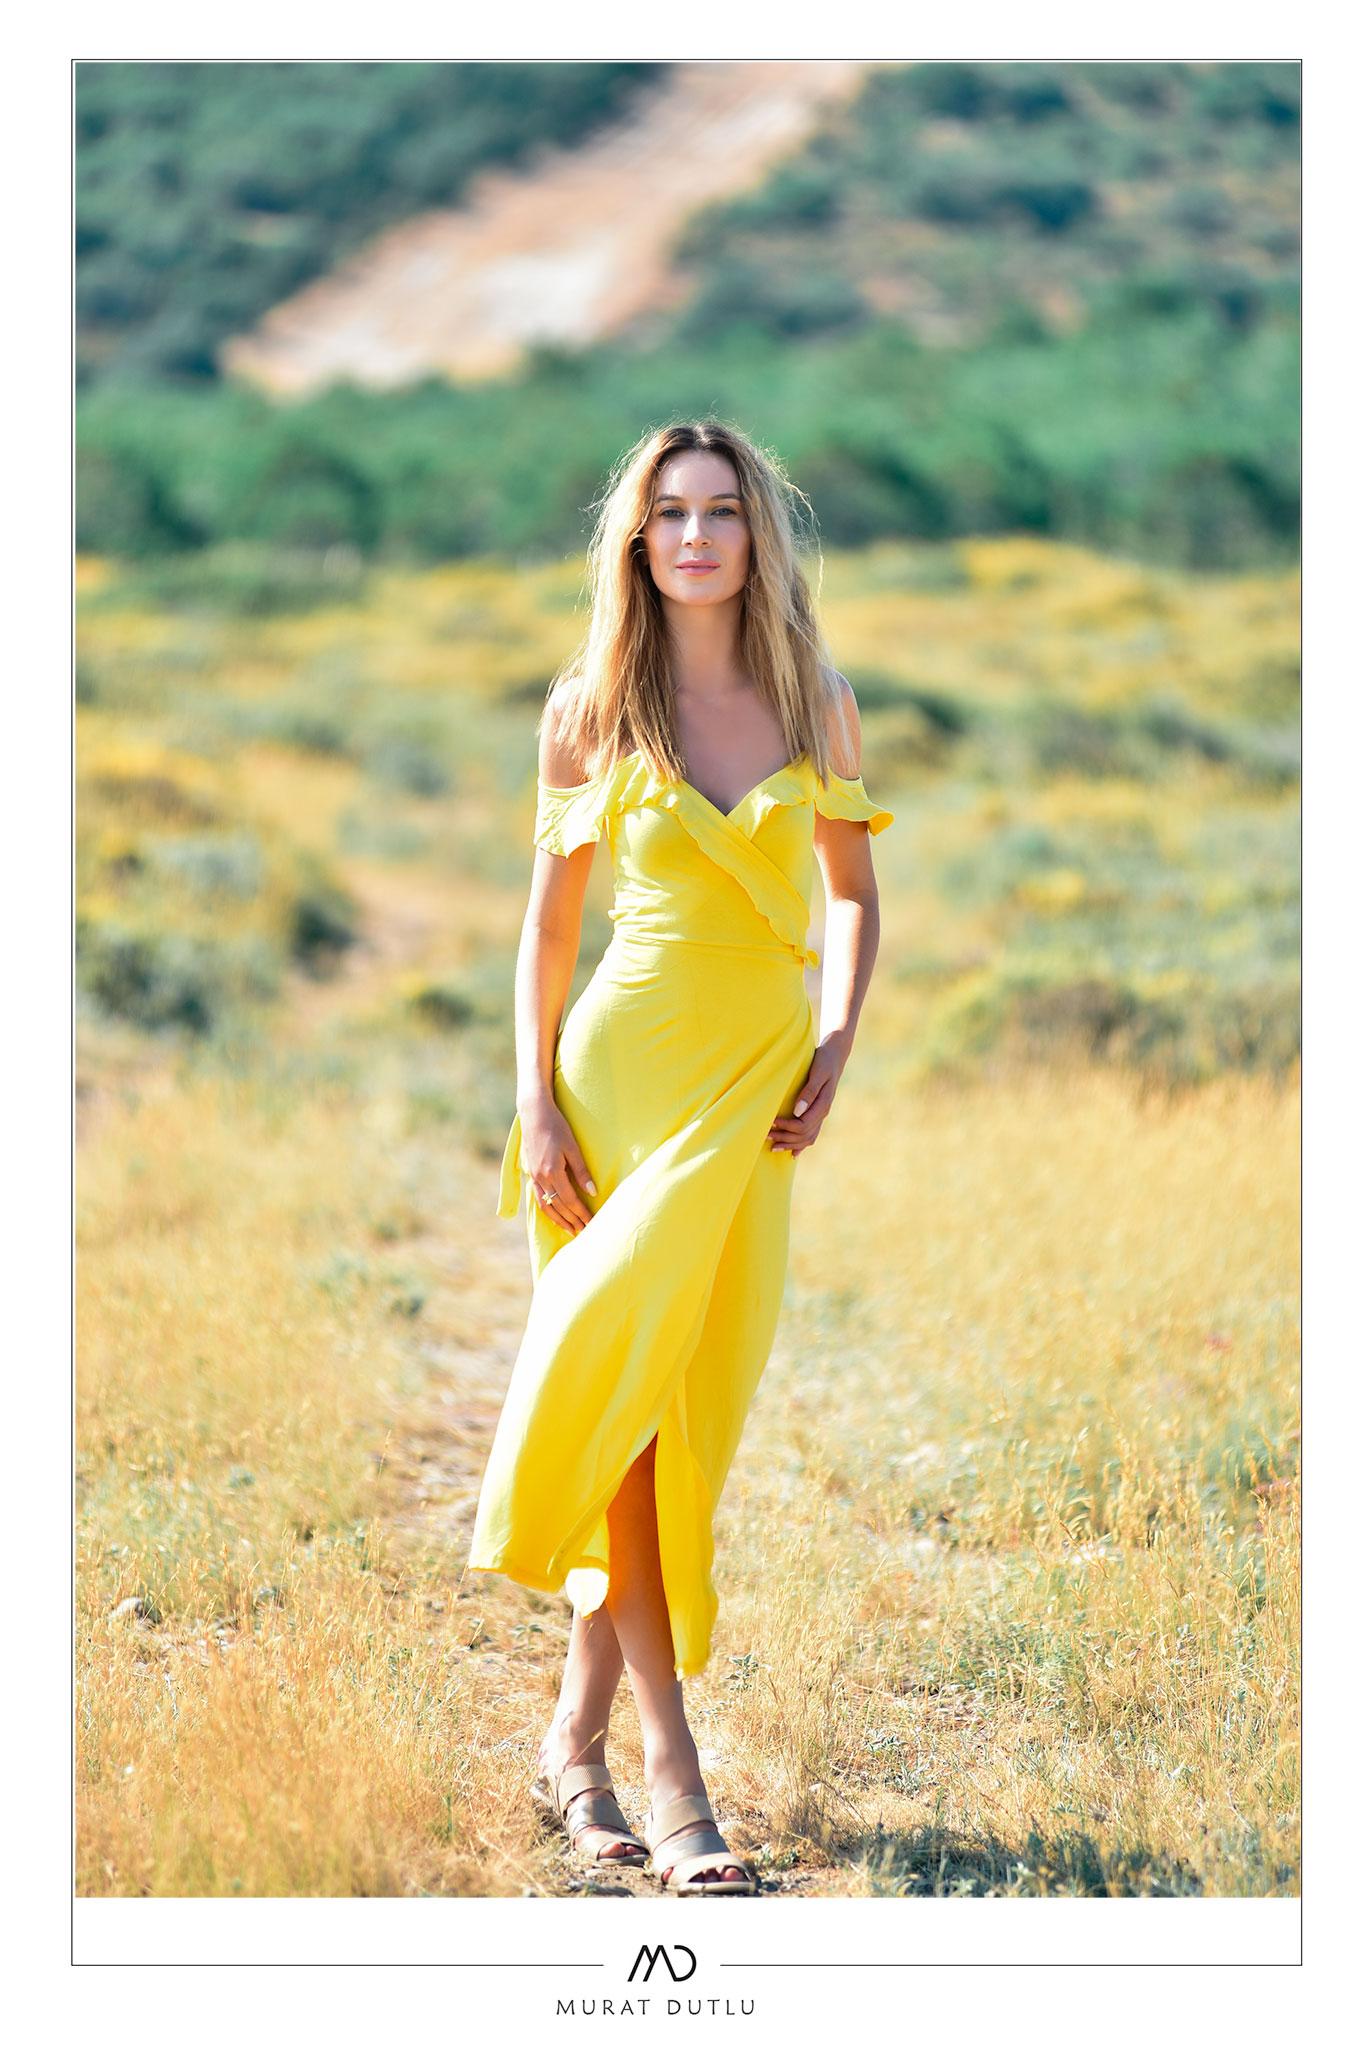 İzmir model fotoğraf çekimi, Reklam fotoğraf çekimi